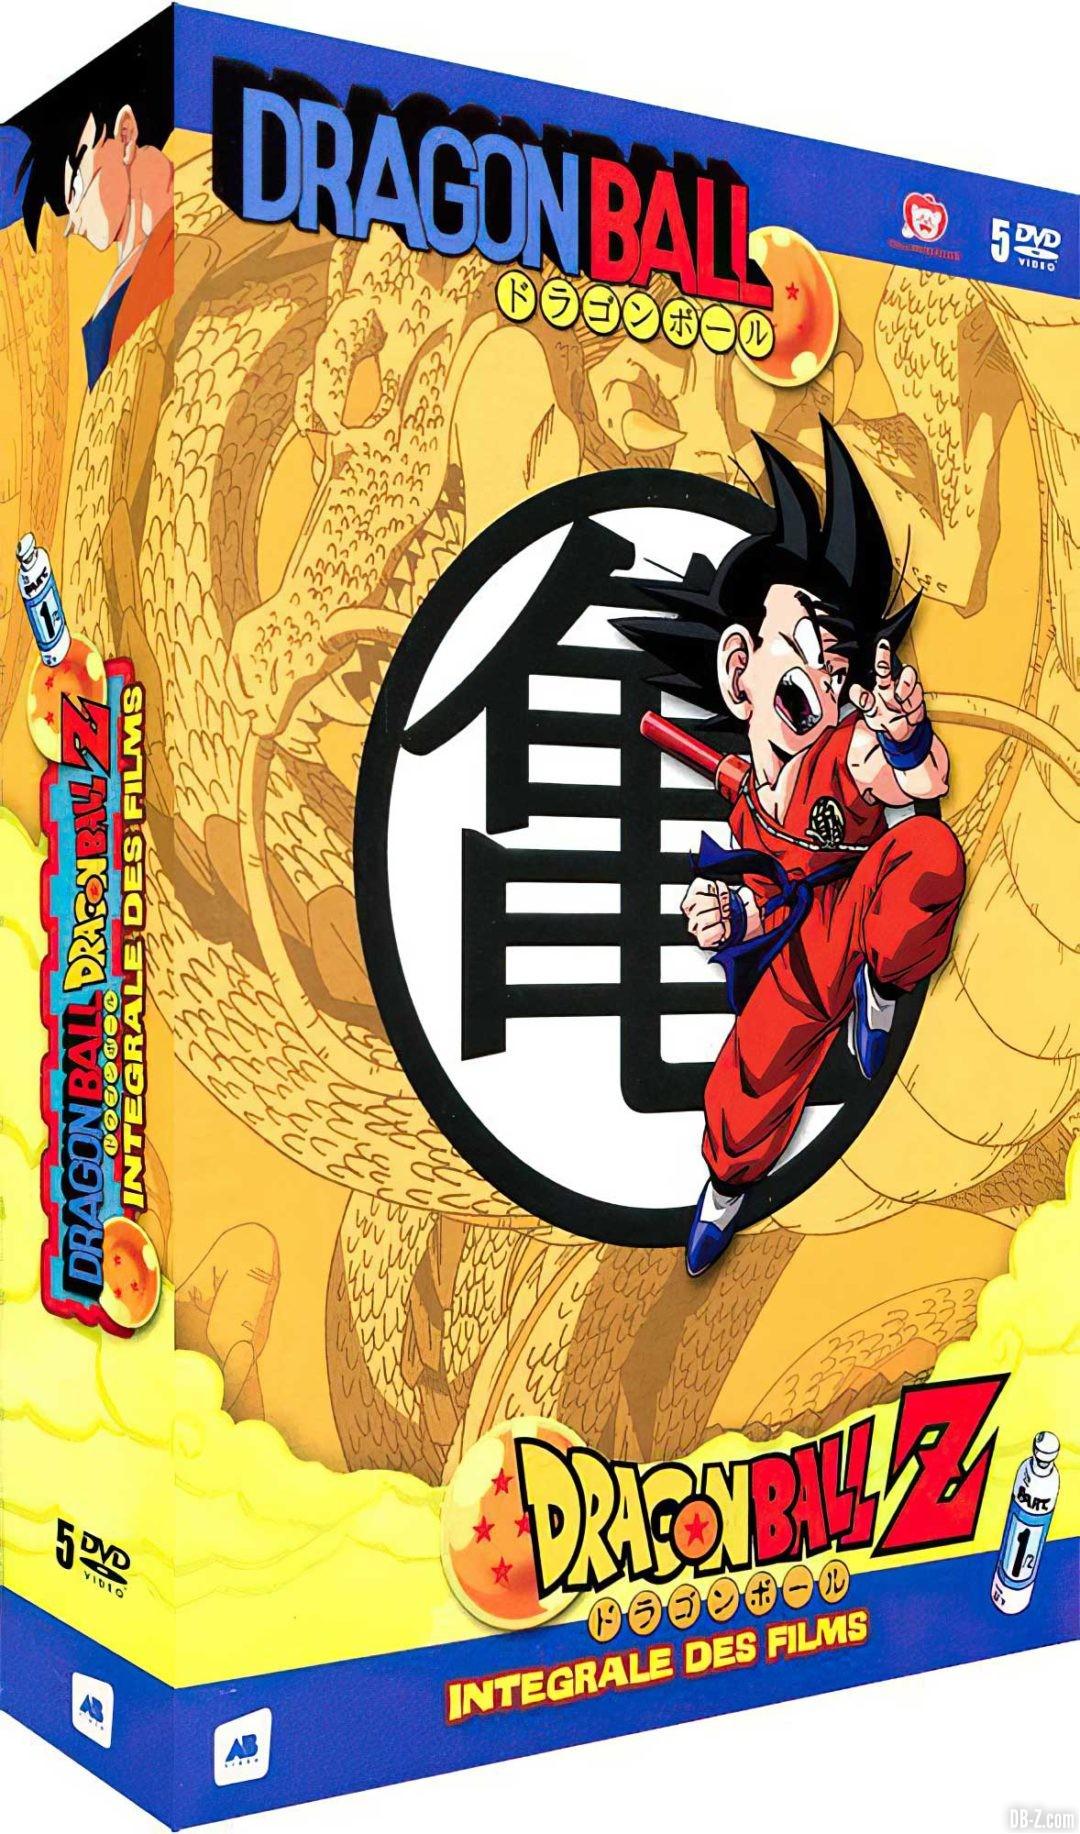 coffret-film-dragon-ball-dvd